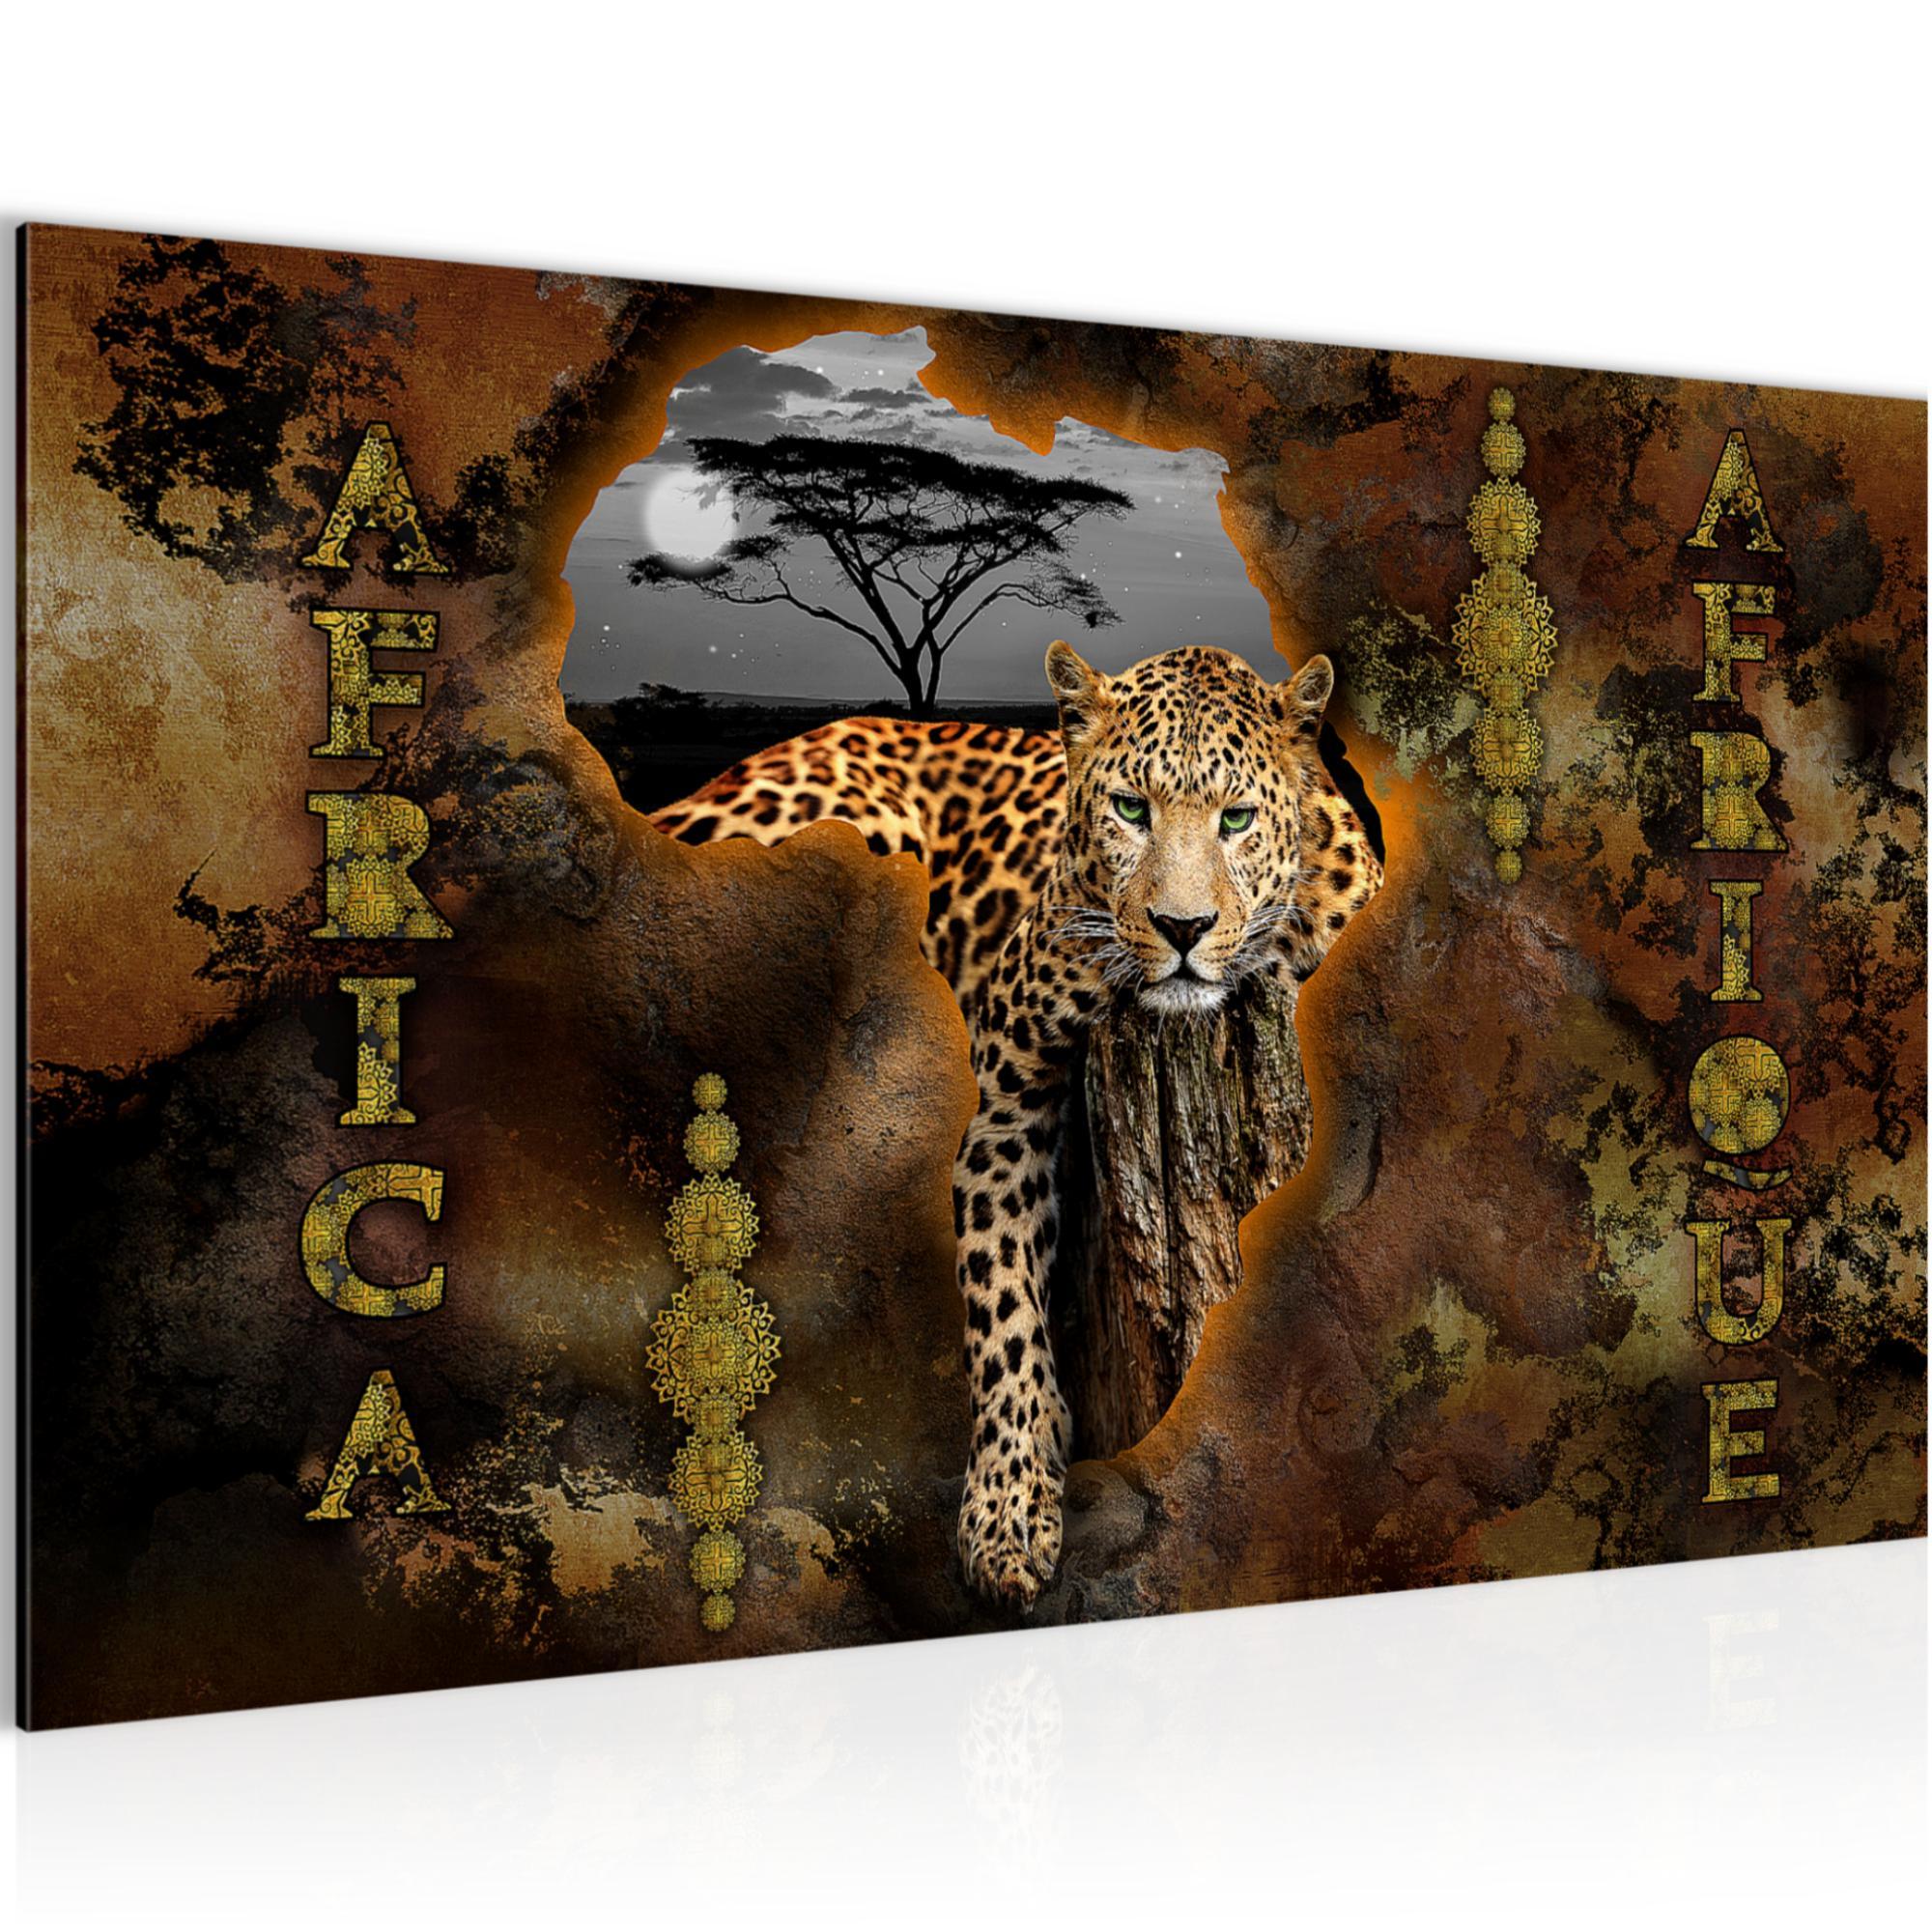 afrika bild kunstdruck auf vlies leinwand xxl dekoration 022614p. Black Bedroom Furniture Sets. Home Design Ideas